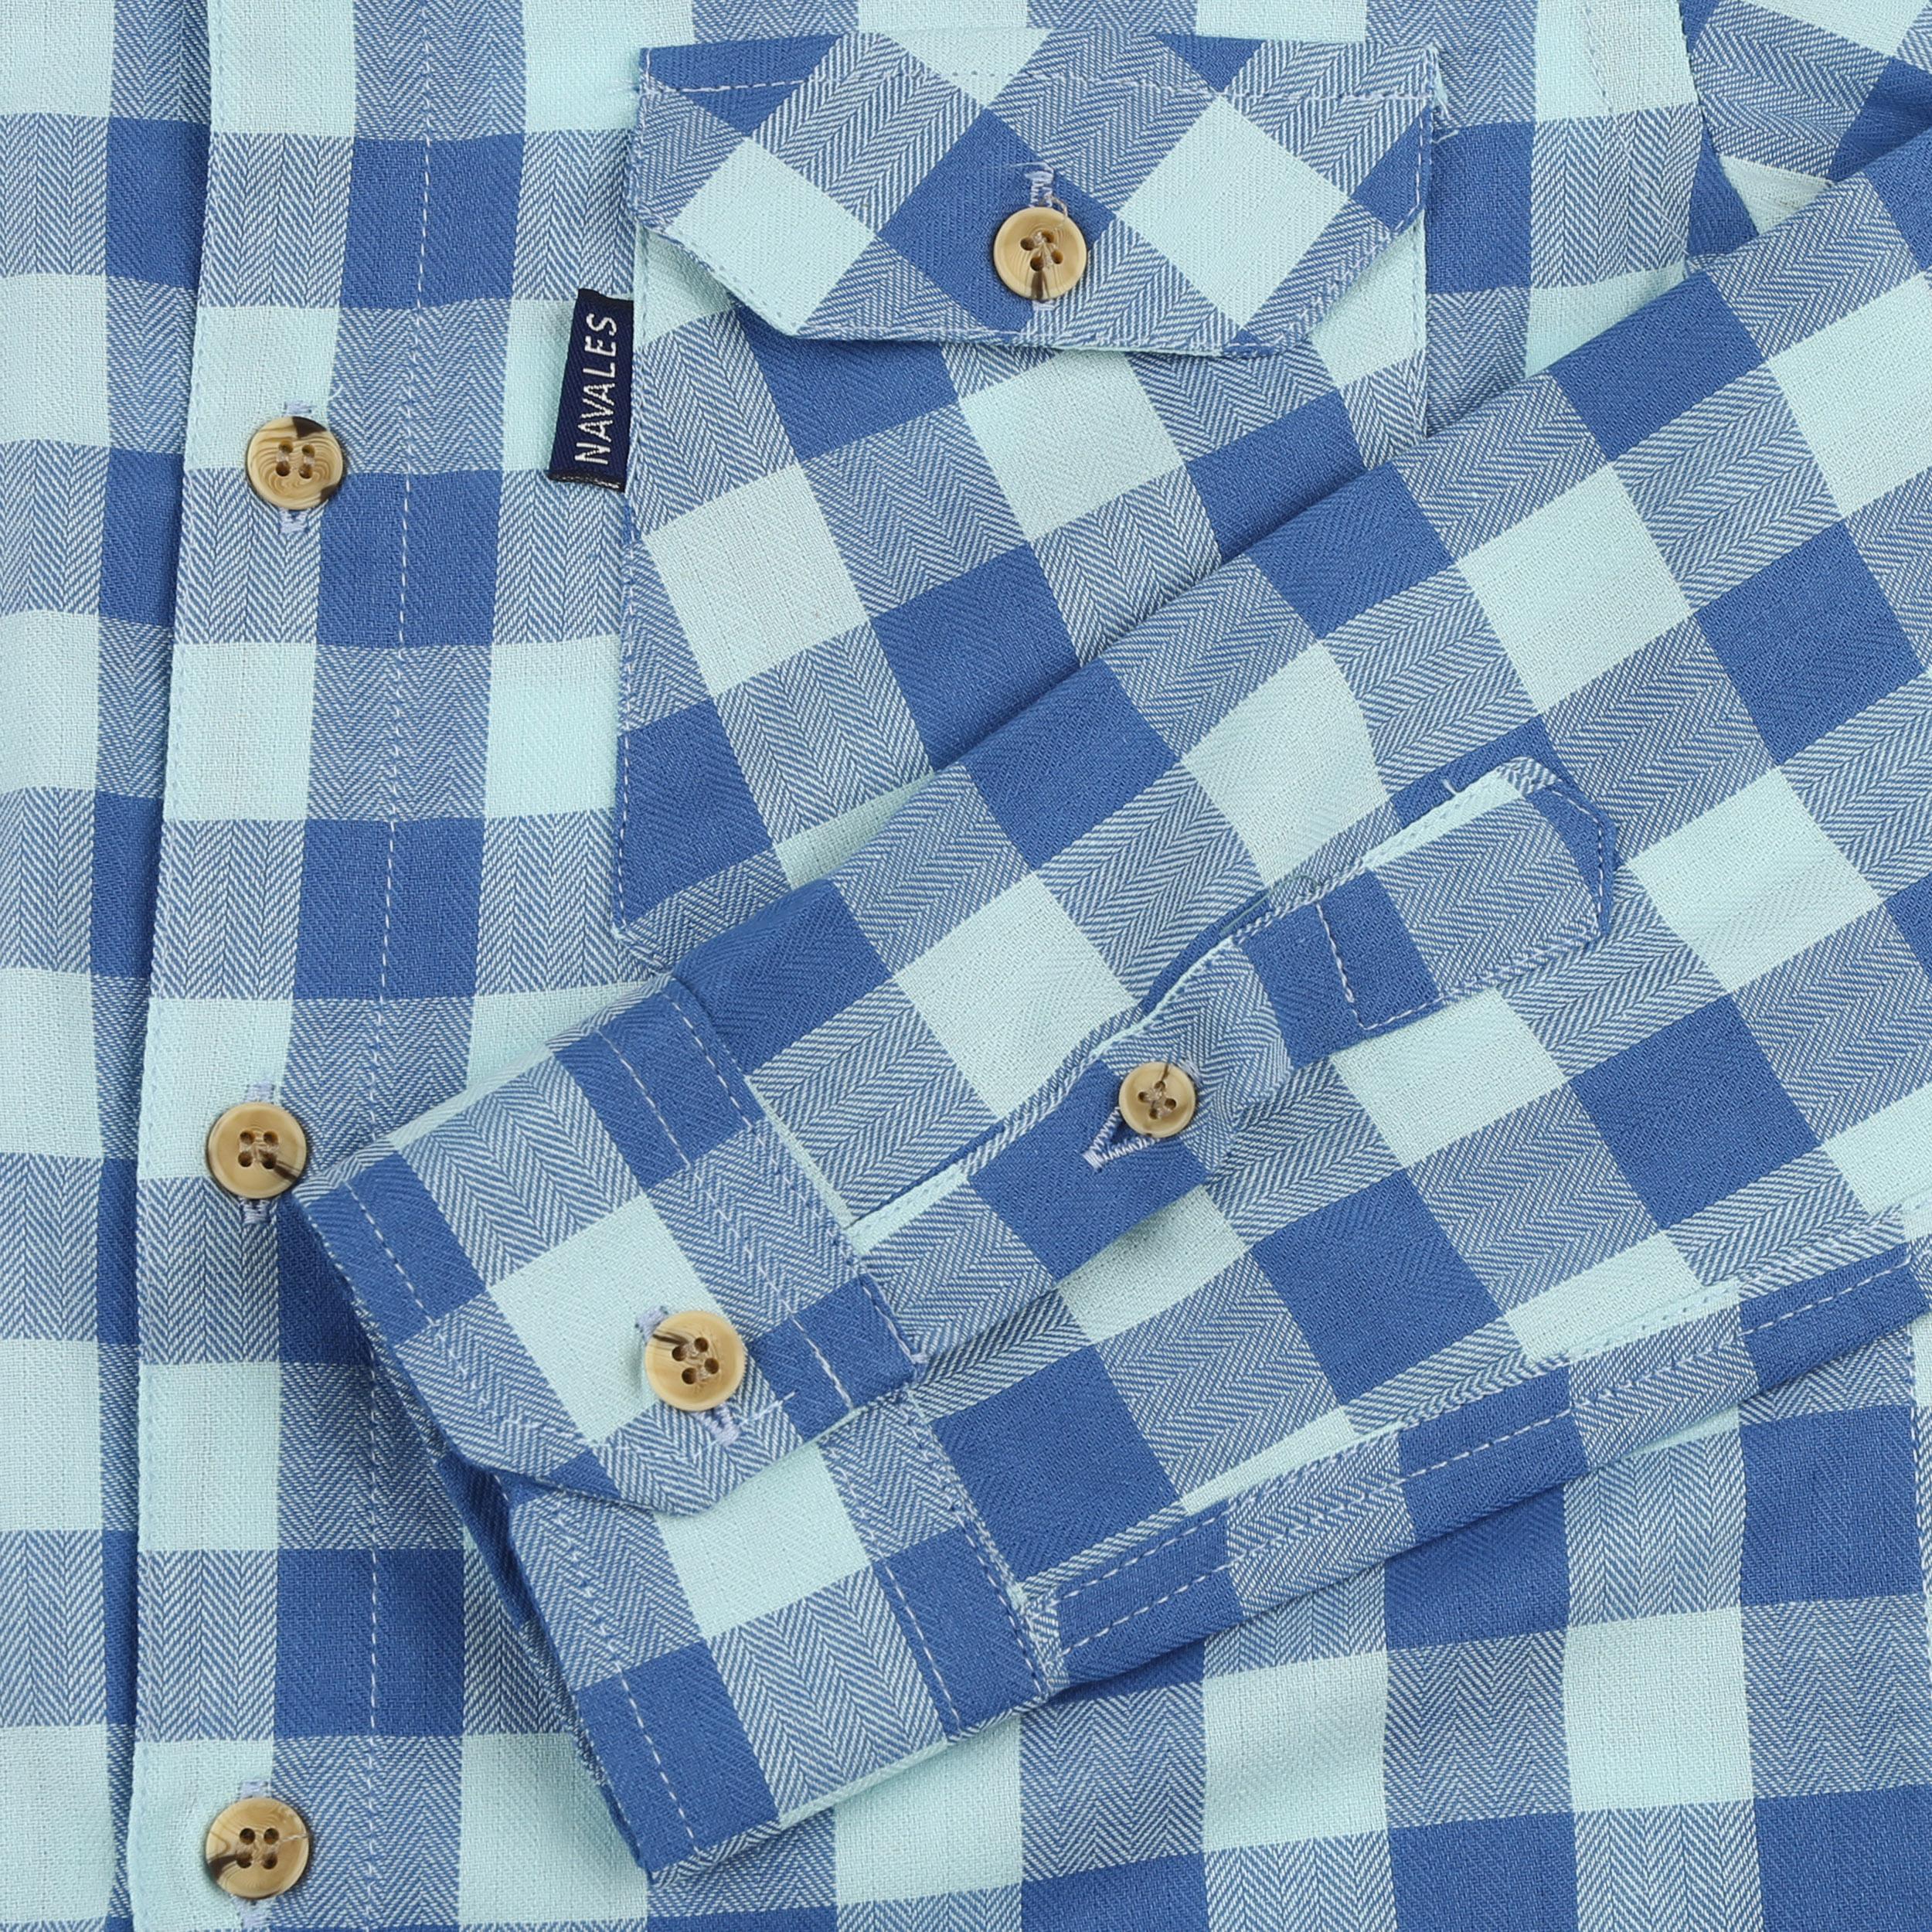 پیراهن پسرانه ناوالس کد D-20119-BL thumb 3